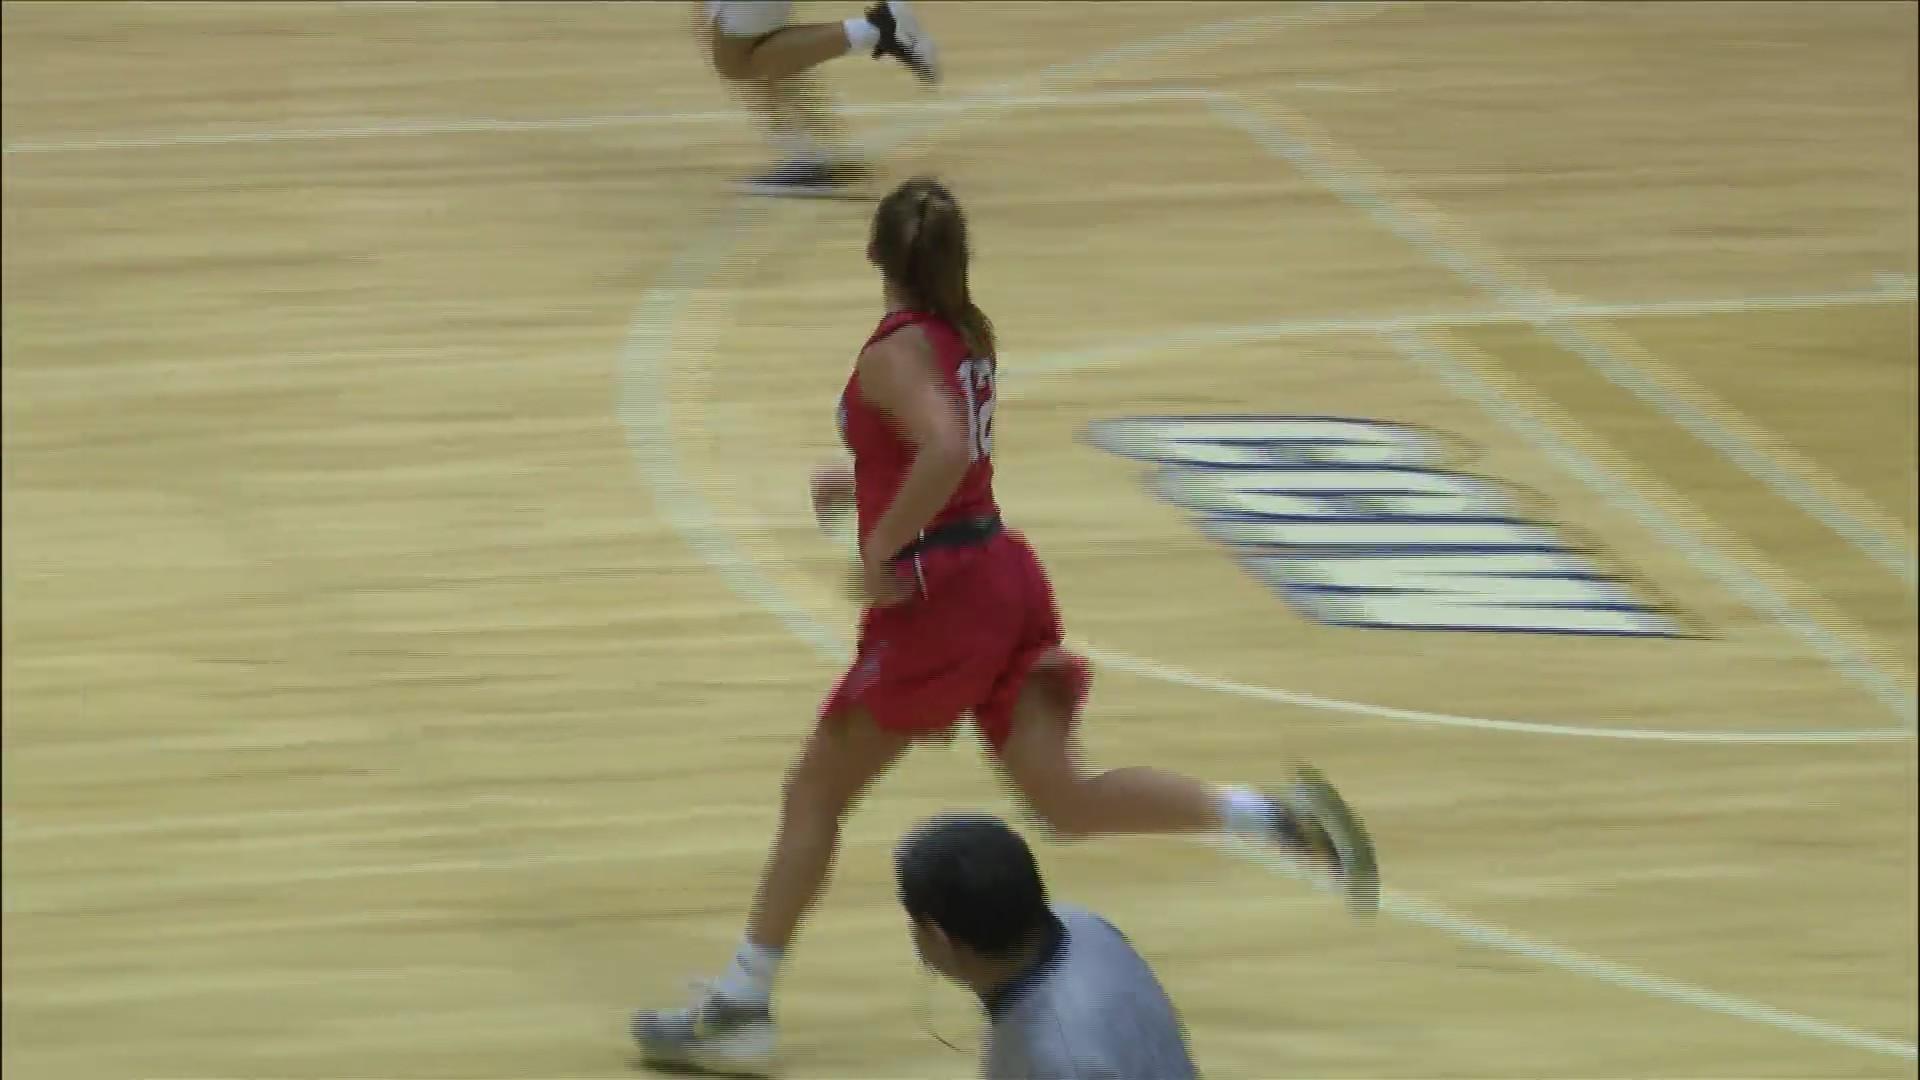 Iowa Girls defeat Illinois 60-56